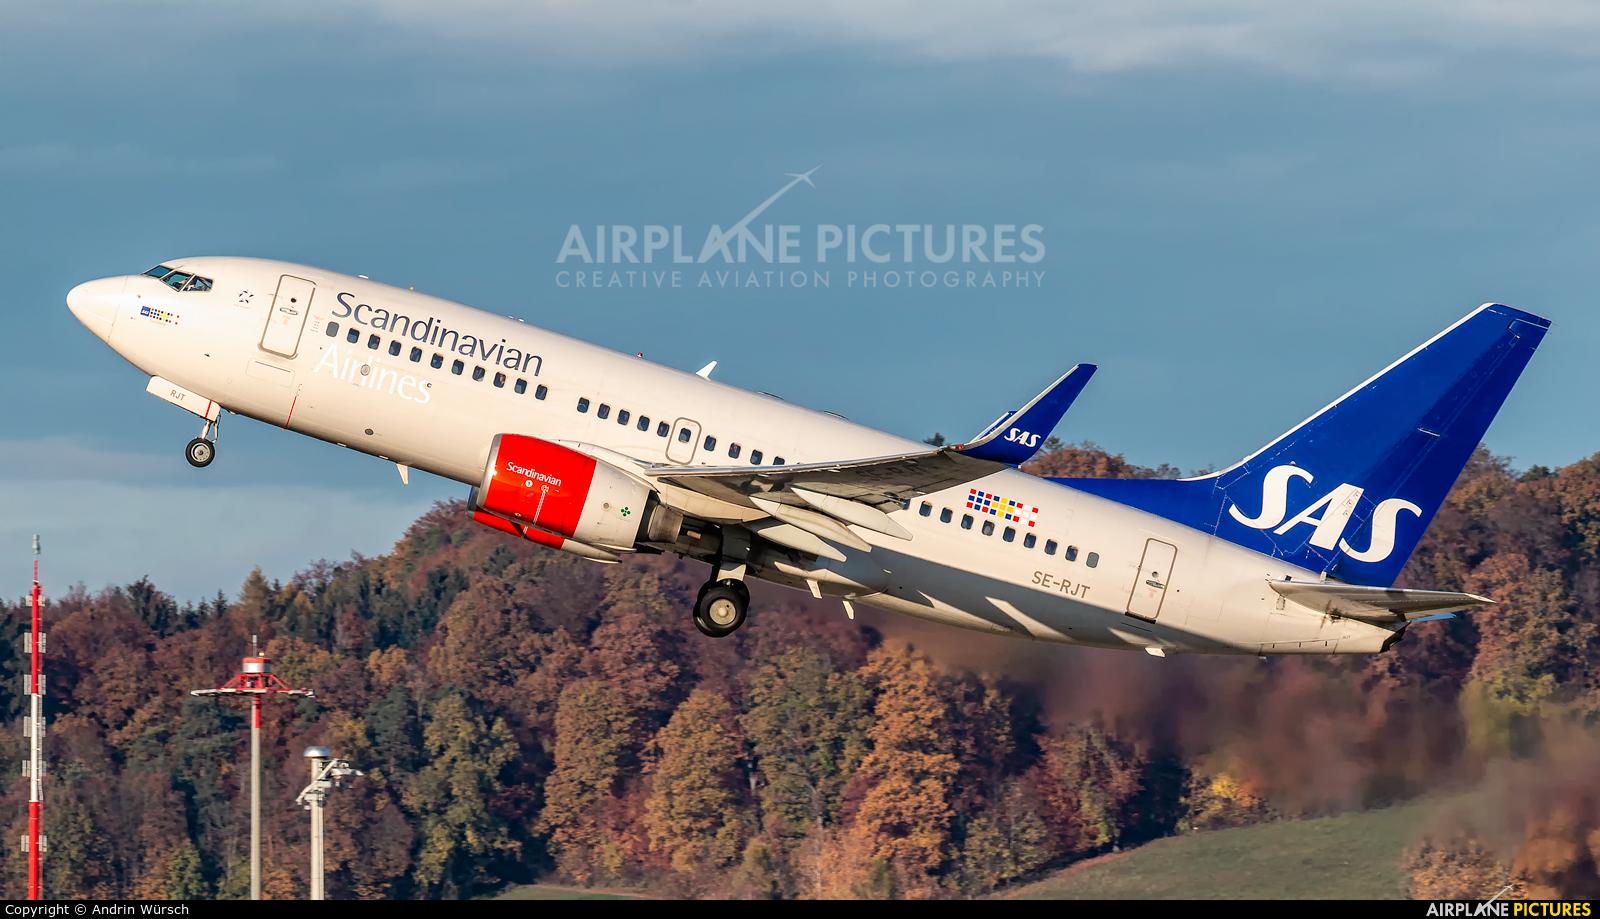 SAS - Scandinavian Airlines SE-RJT aircraft at Zurich